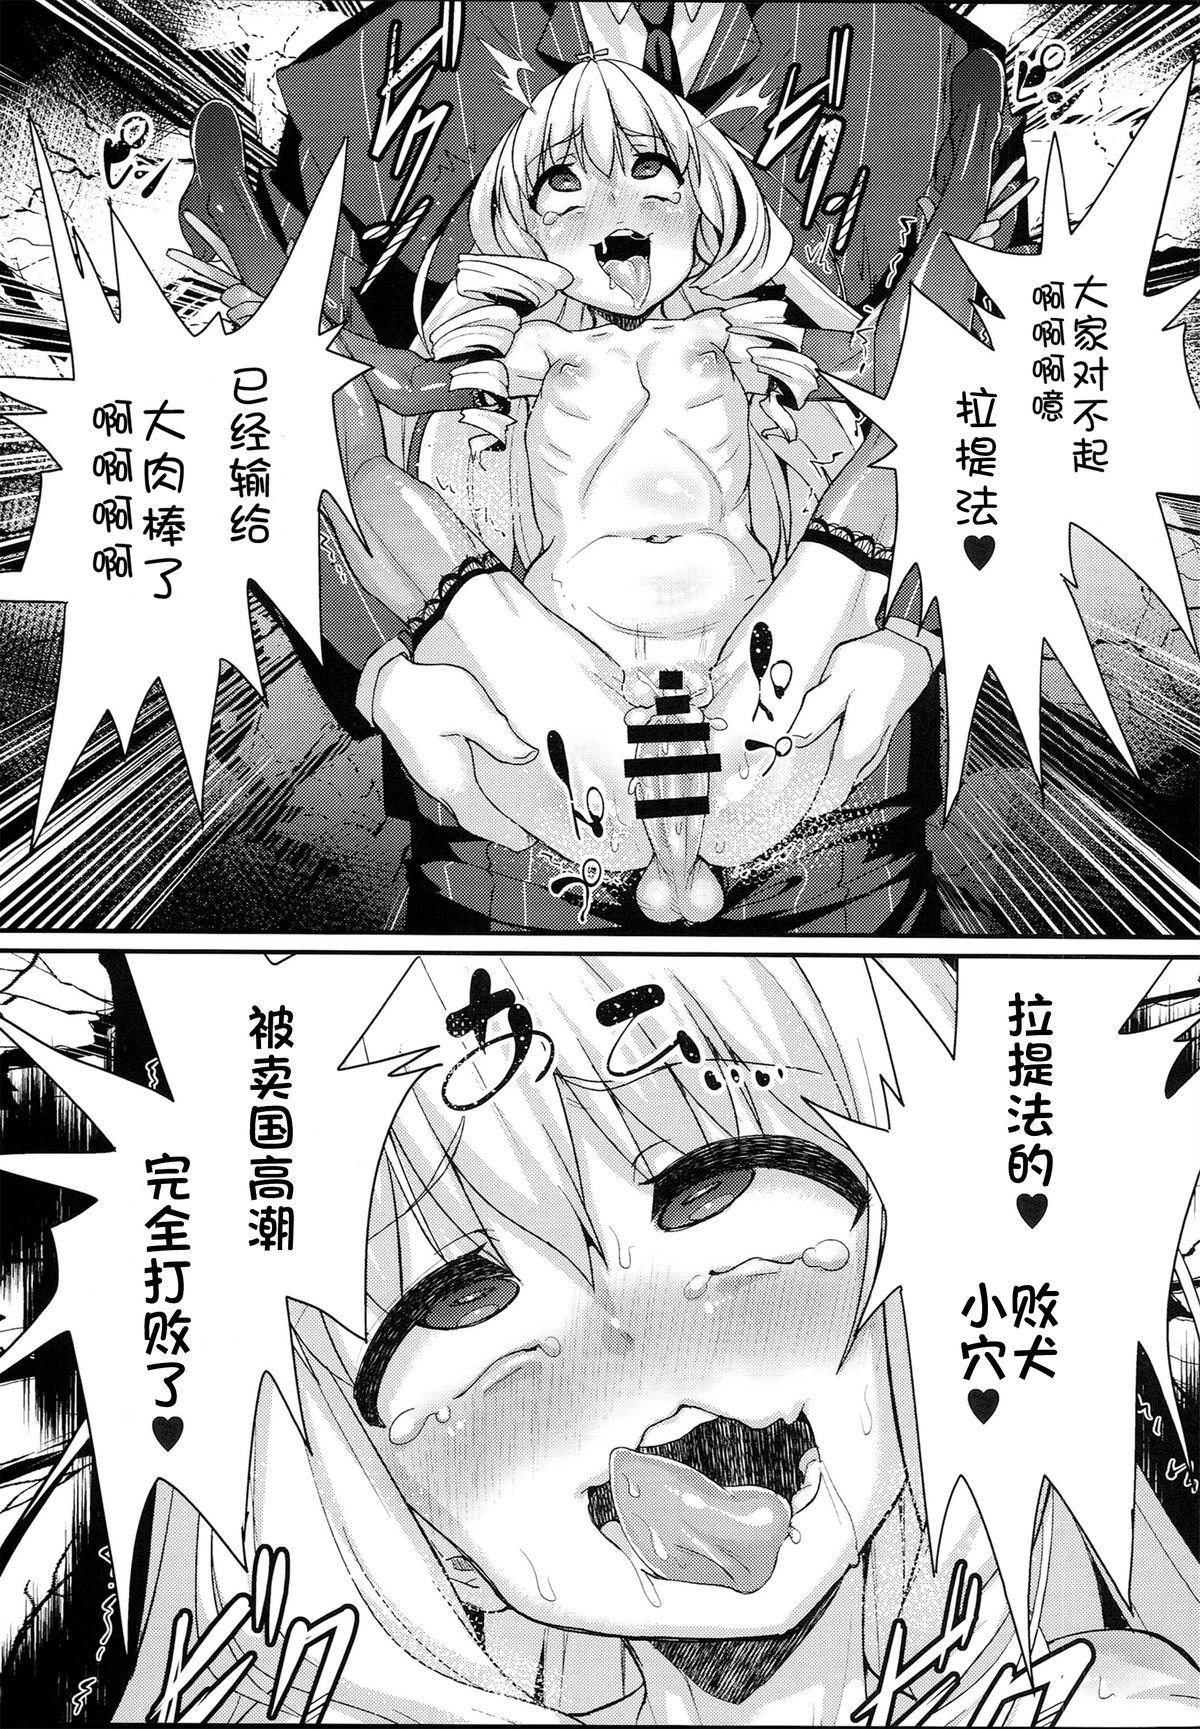 Saraba, Uruwashi no Kuni 13